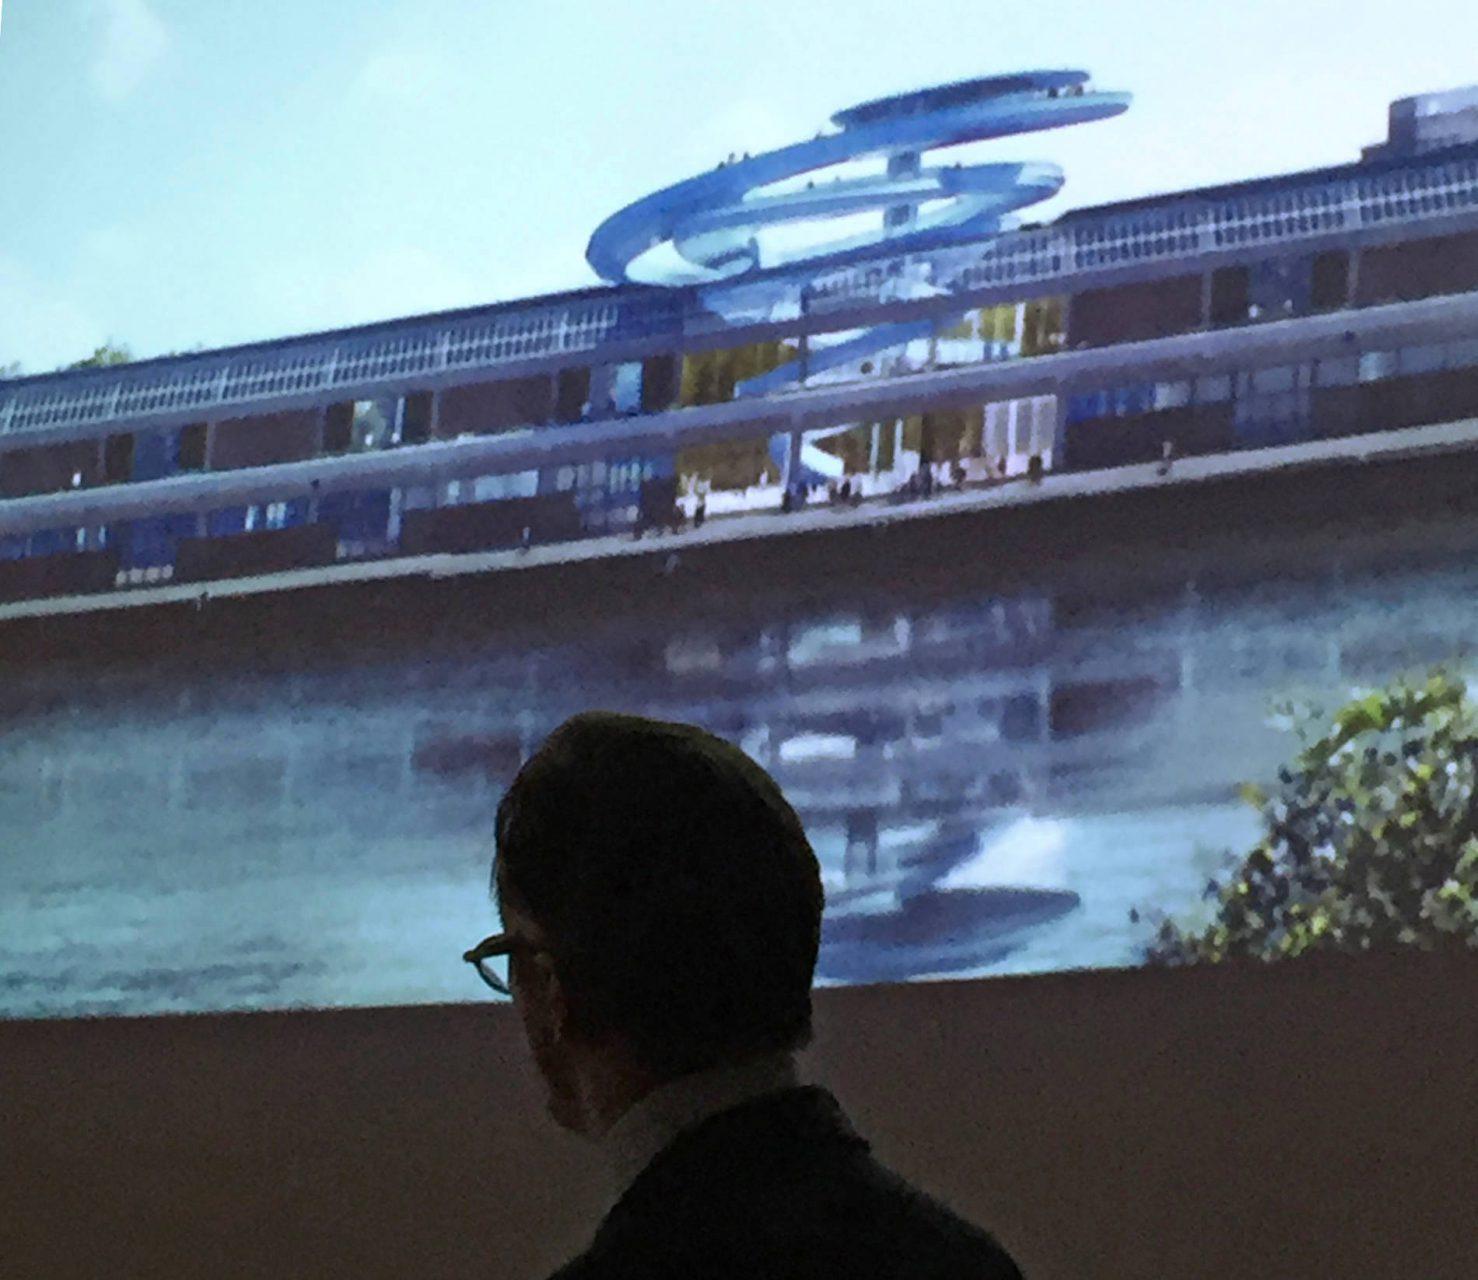 Wim Pijbes. ist Stiftungsdirektor von Droom & Daad und ehemaliger Direktor des renommierten Amsterdamer Rijksmuseum, präsentiert die erste Entwurfsskizze des Architekturbüros MAD.